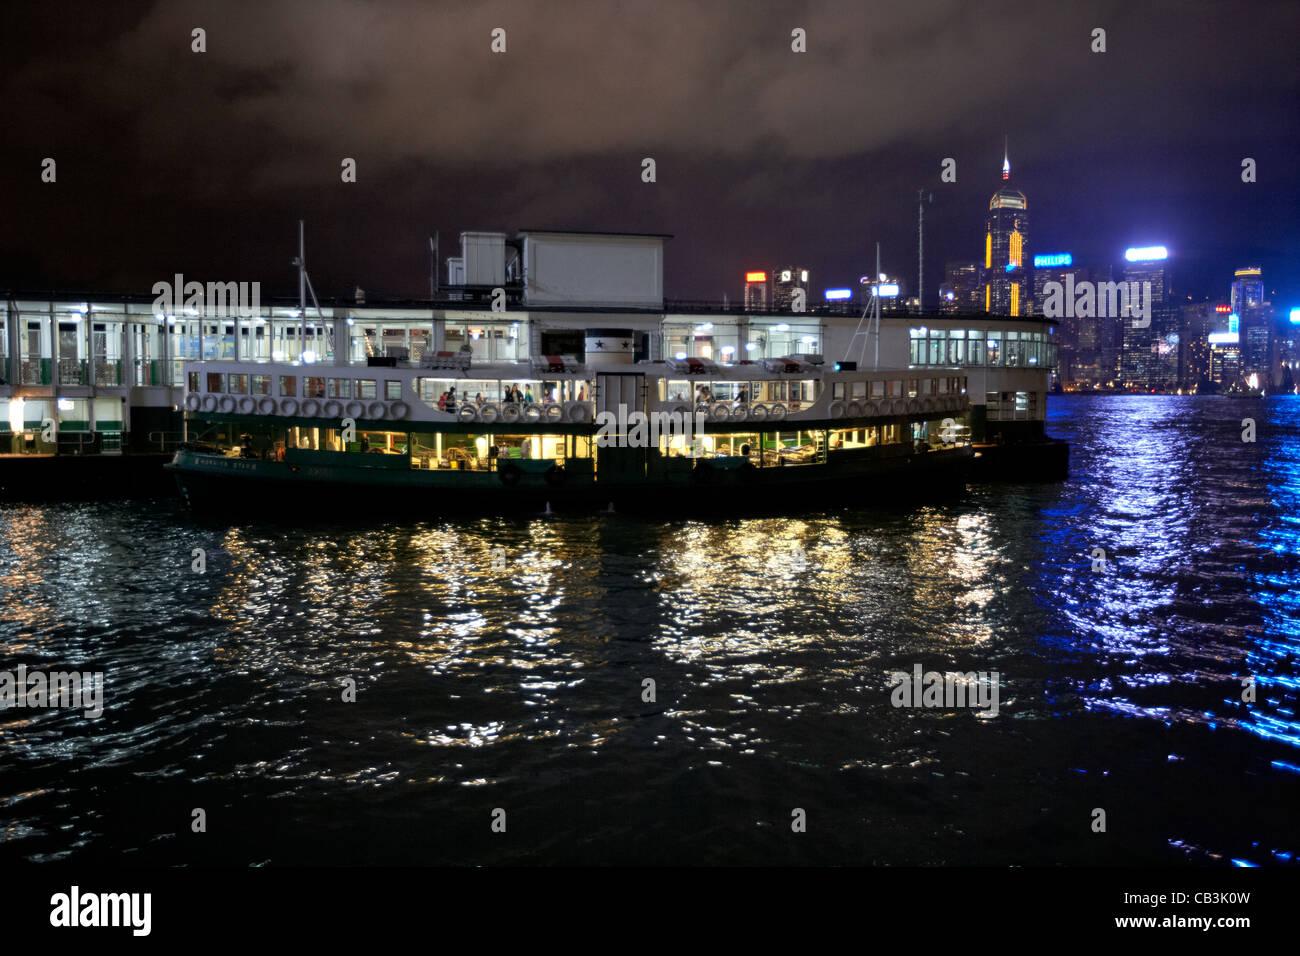 star ferry tsim sha tsui terminal kowloon hong kong hksar china - Stock Image